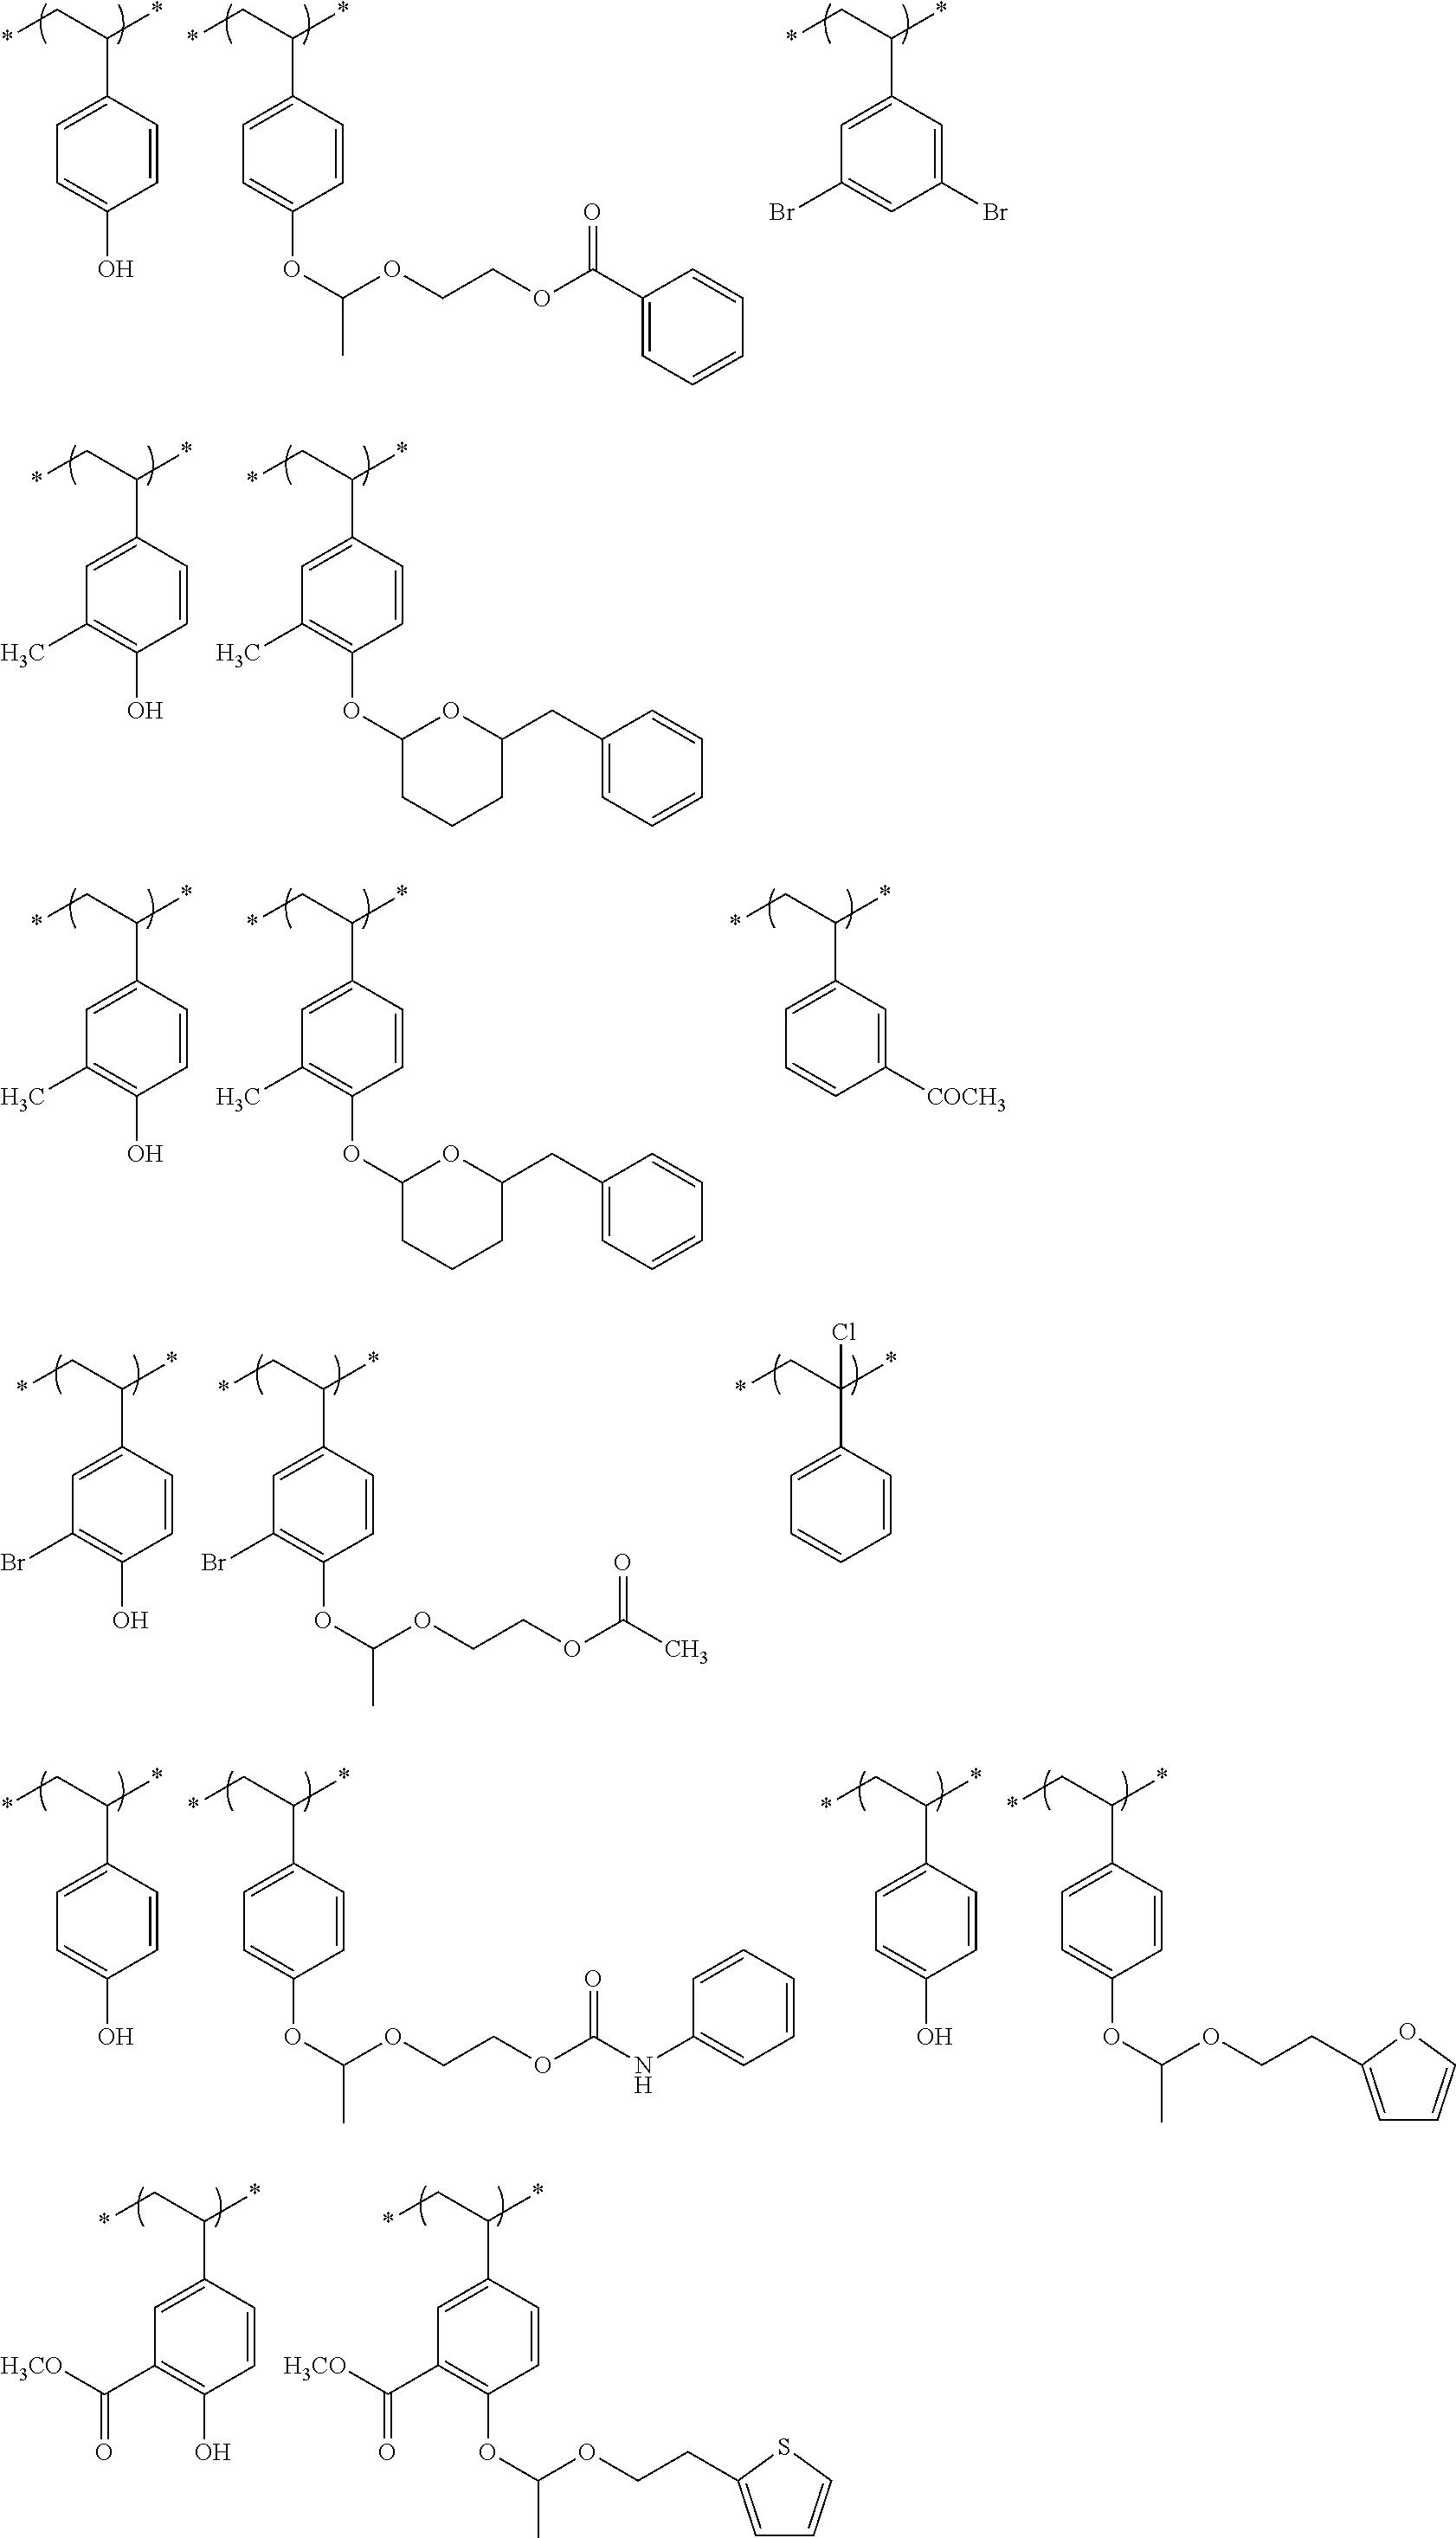 Figure US20110183258A1-20110728-C00077